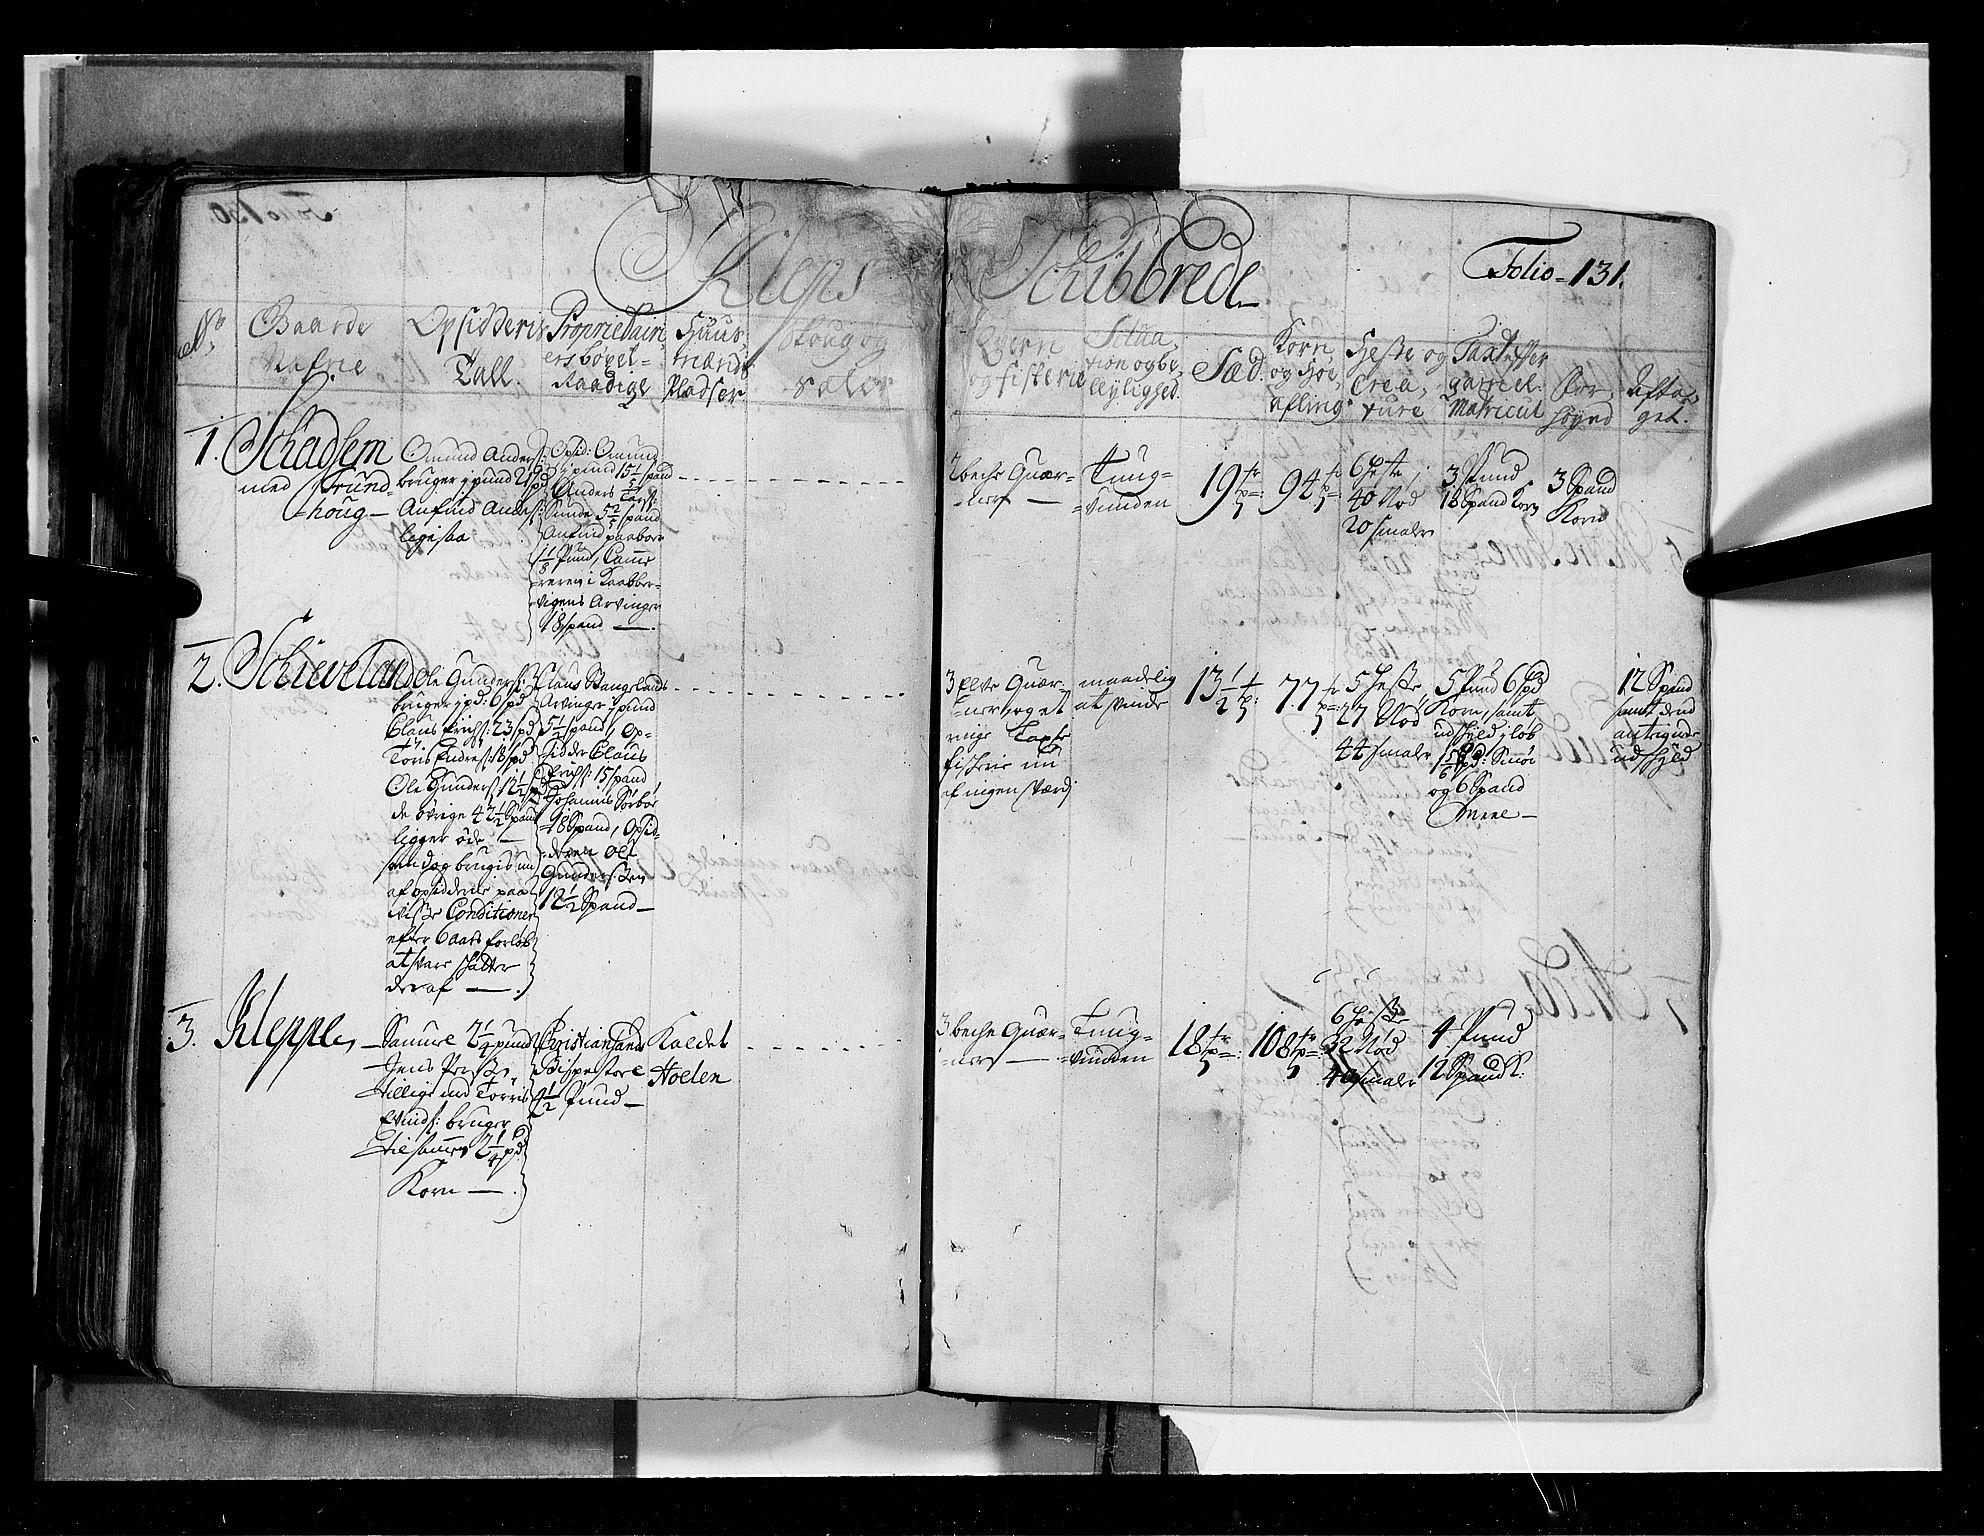 RA, Rentekammeret inntil 1814, Realistisk ordnet avdeling, N/Nb/Nbf/L0131: Jæren og Dalane eksaminasjonsprotokoll, 1723, s. 130b-131a